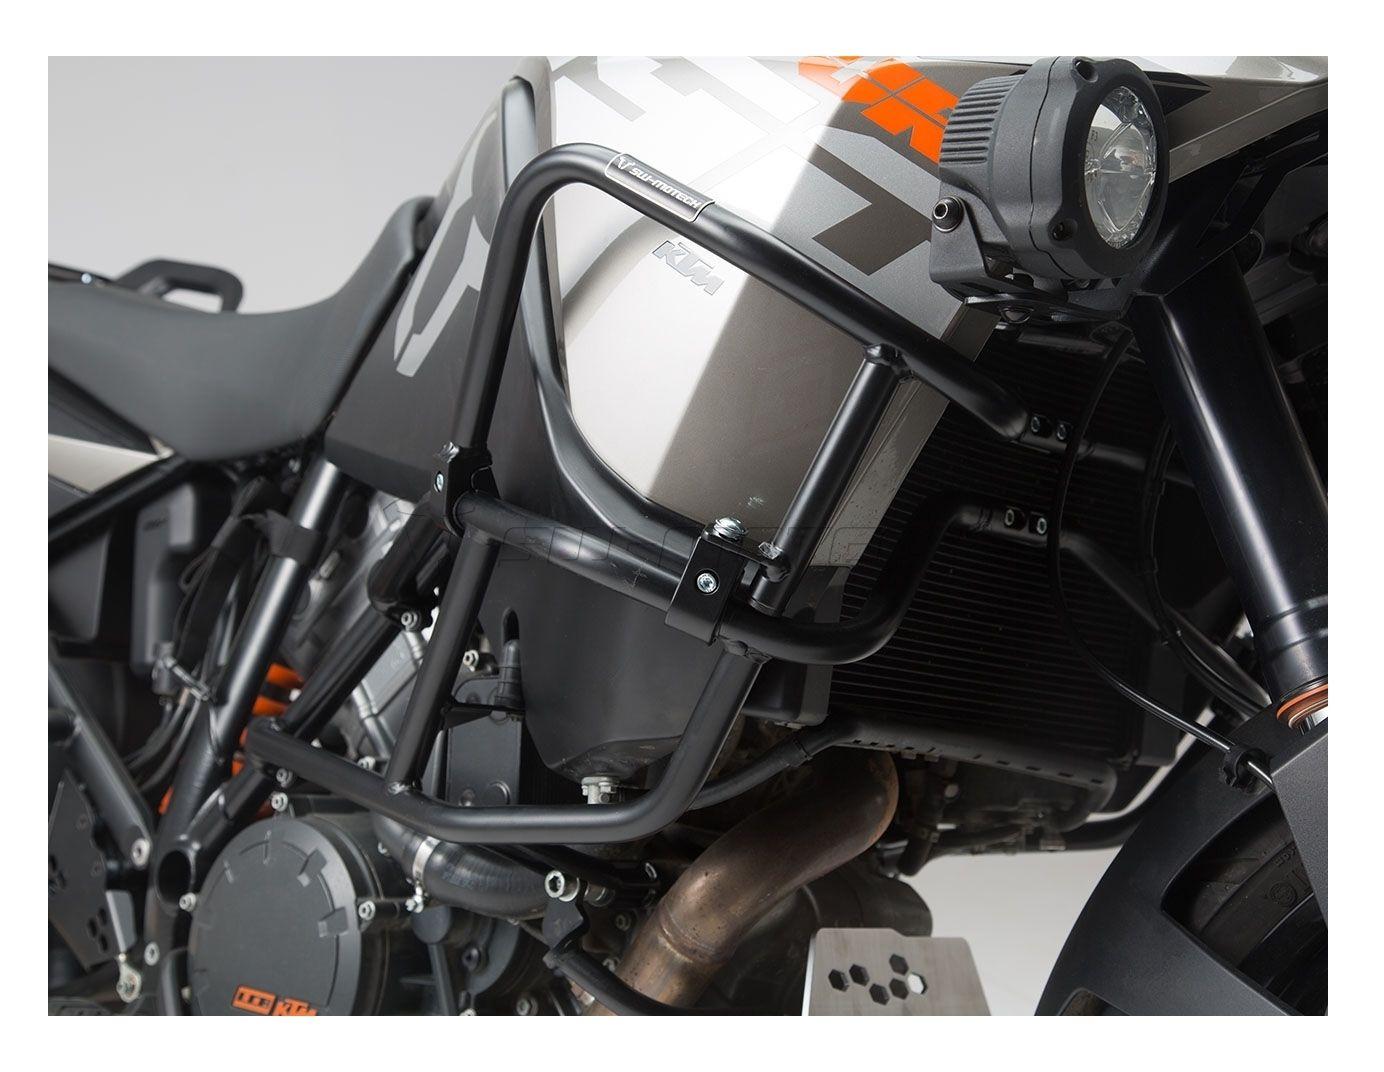 sw motech upper crash bars ktm 1190 adventure r 2013. Black Bedroom Furniture Sets. Home Design Ideas